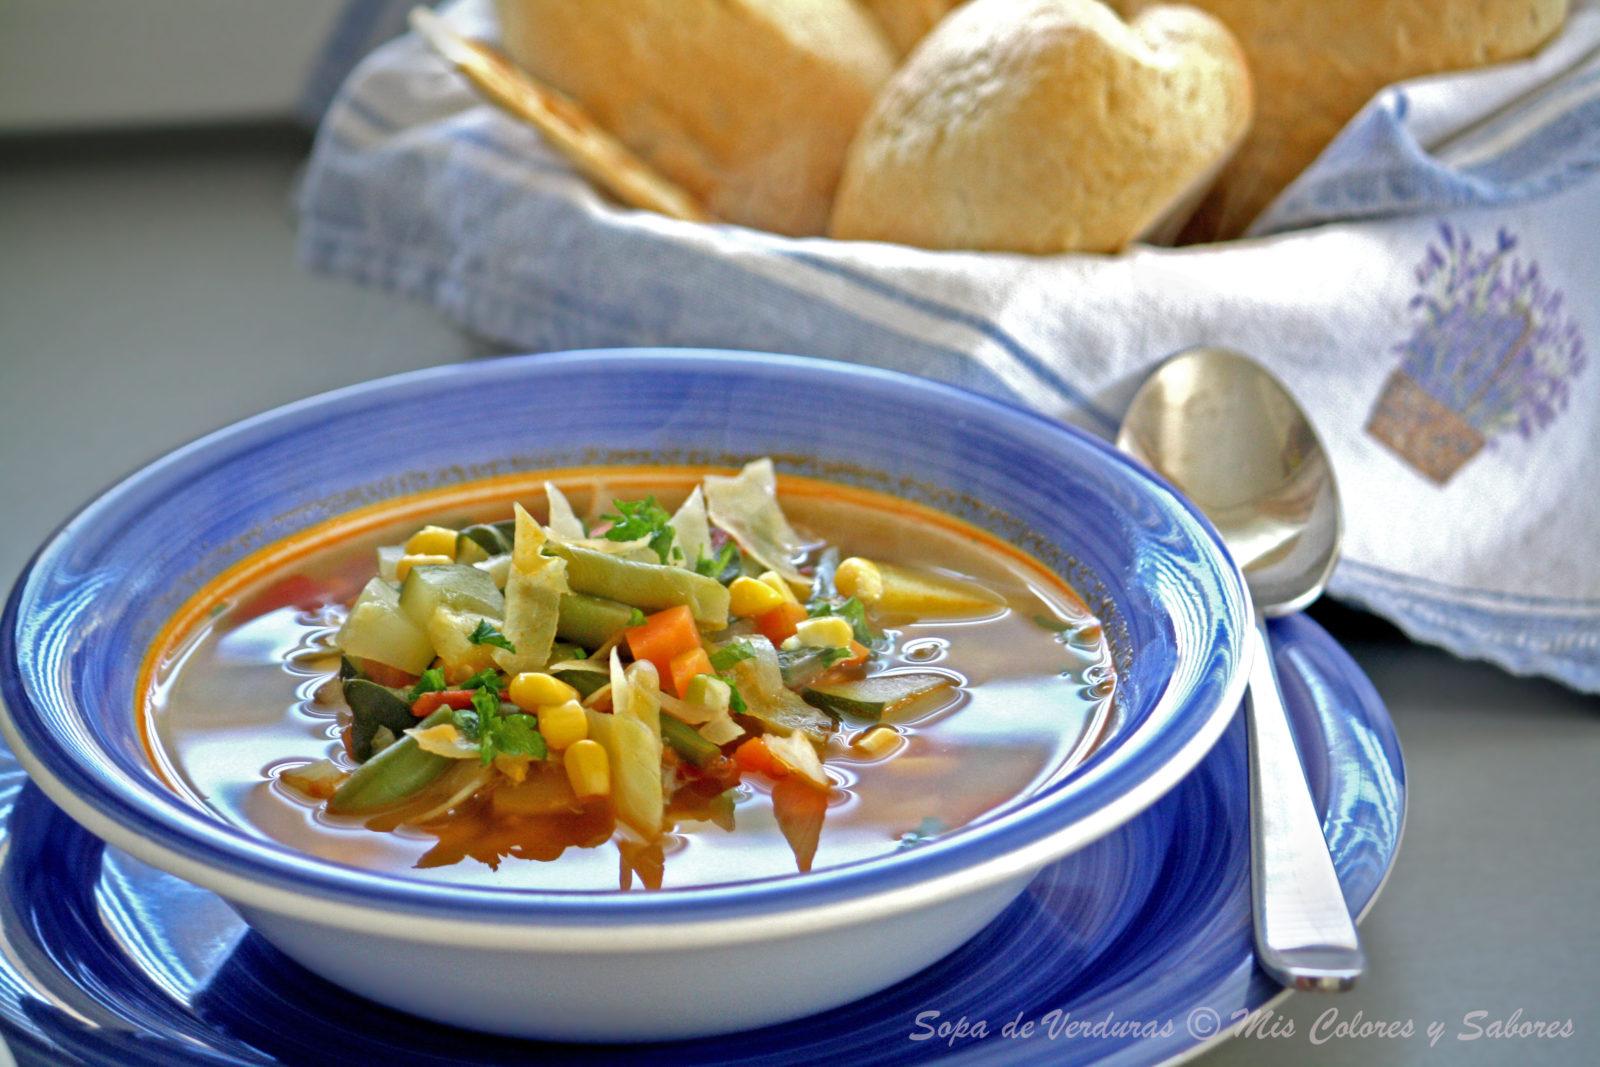 Sopa de Verduras y Tacos Dorados